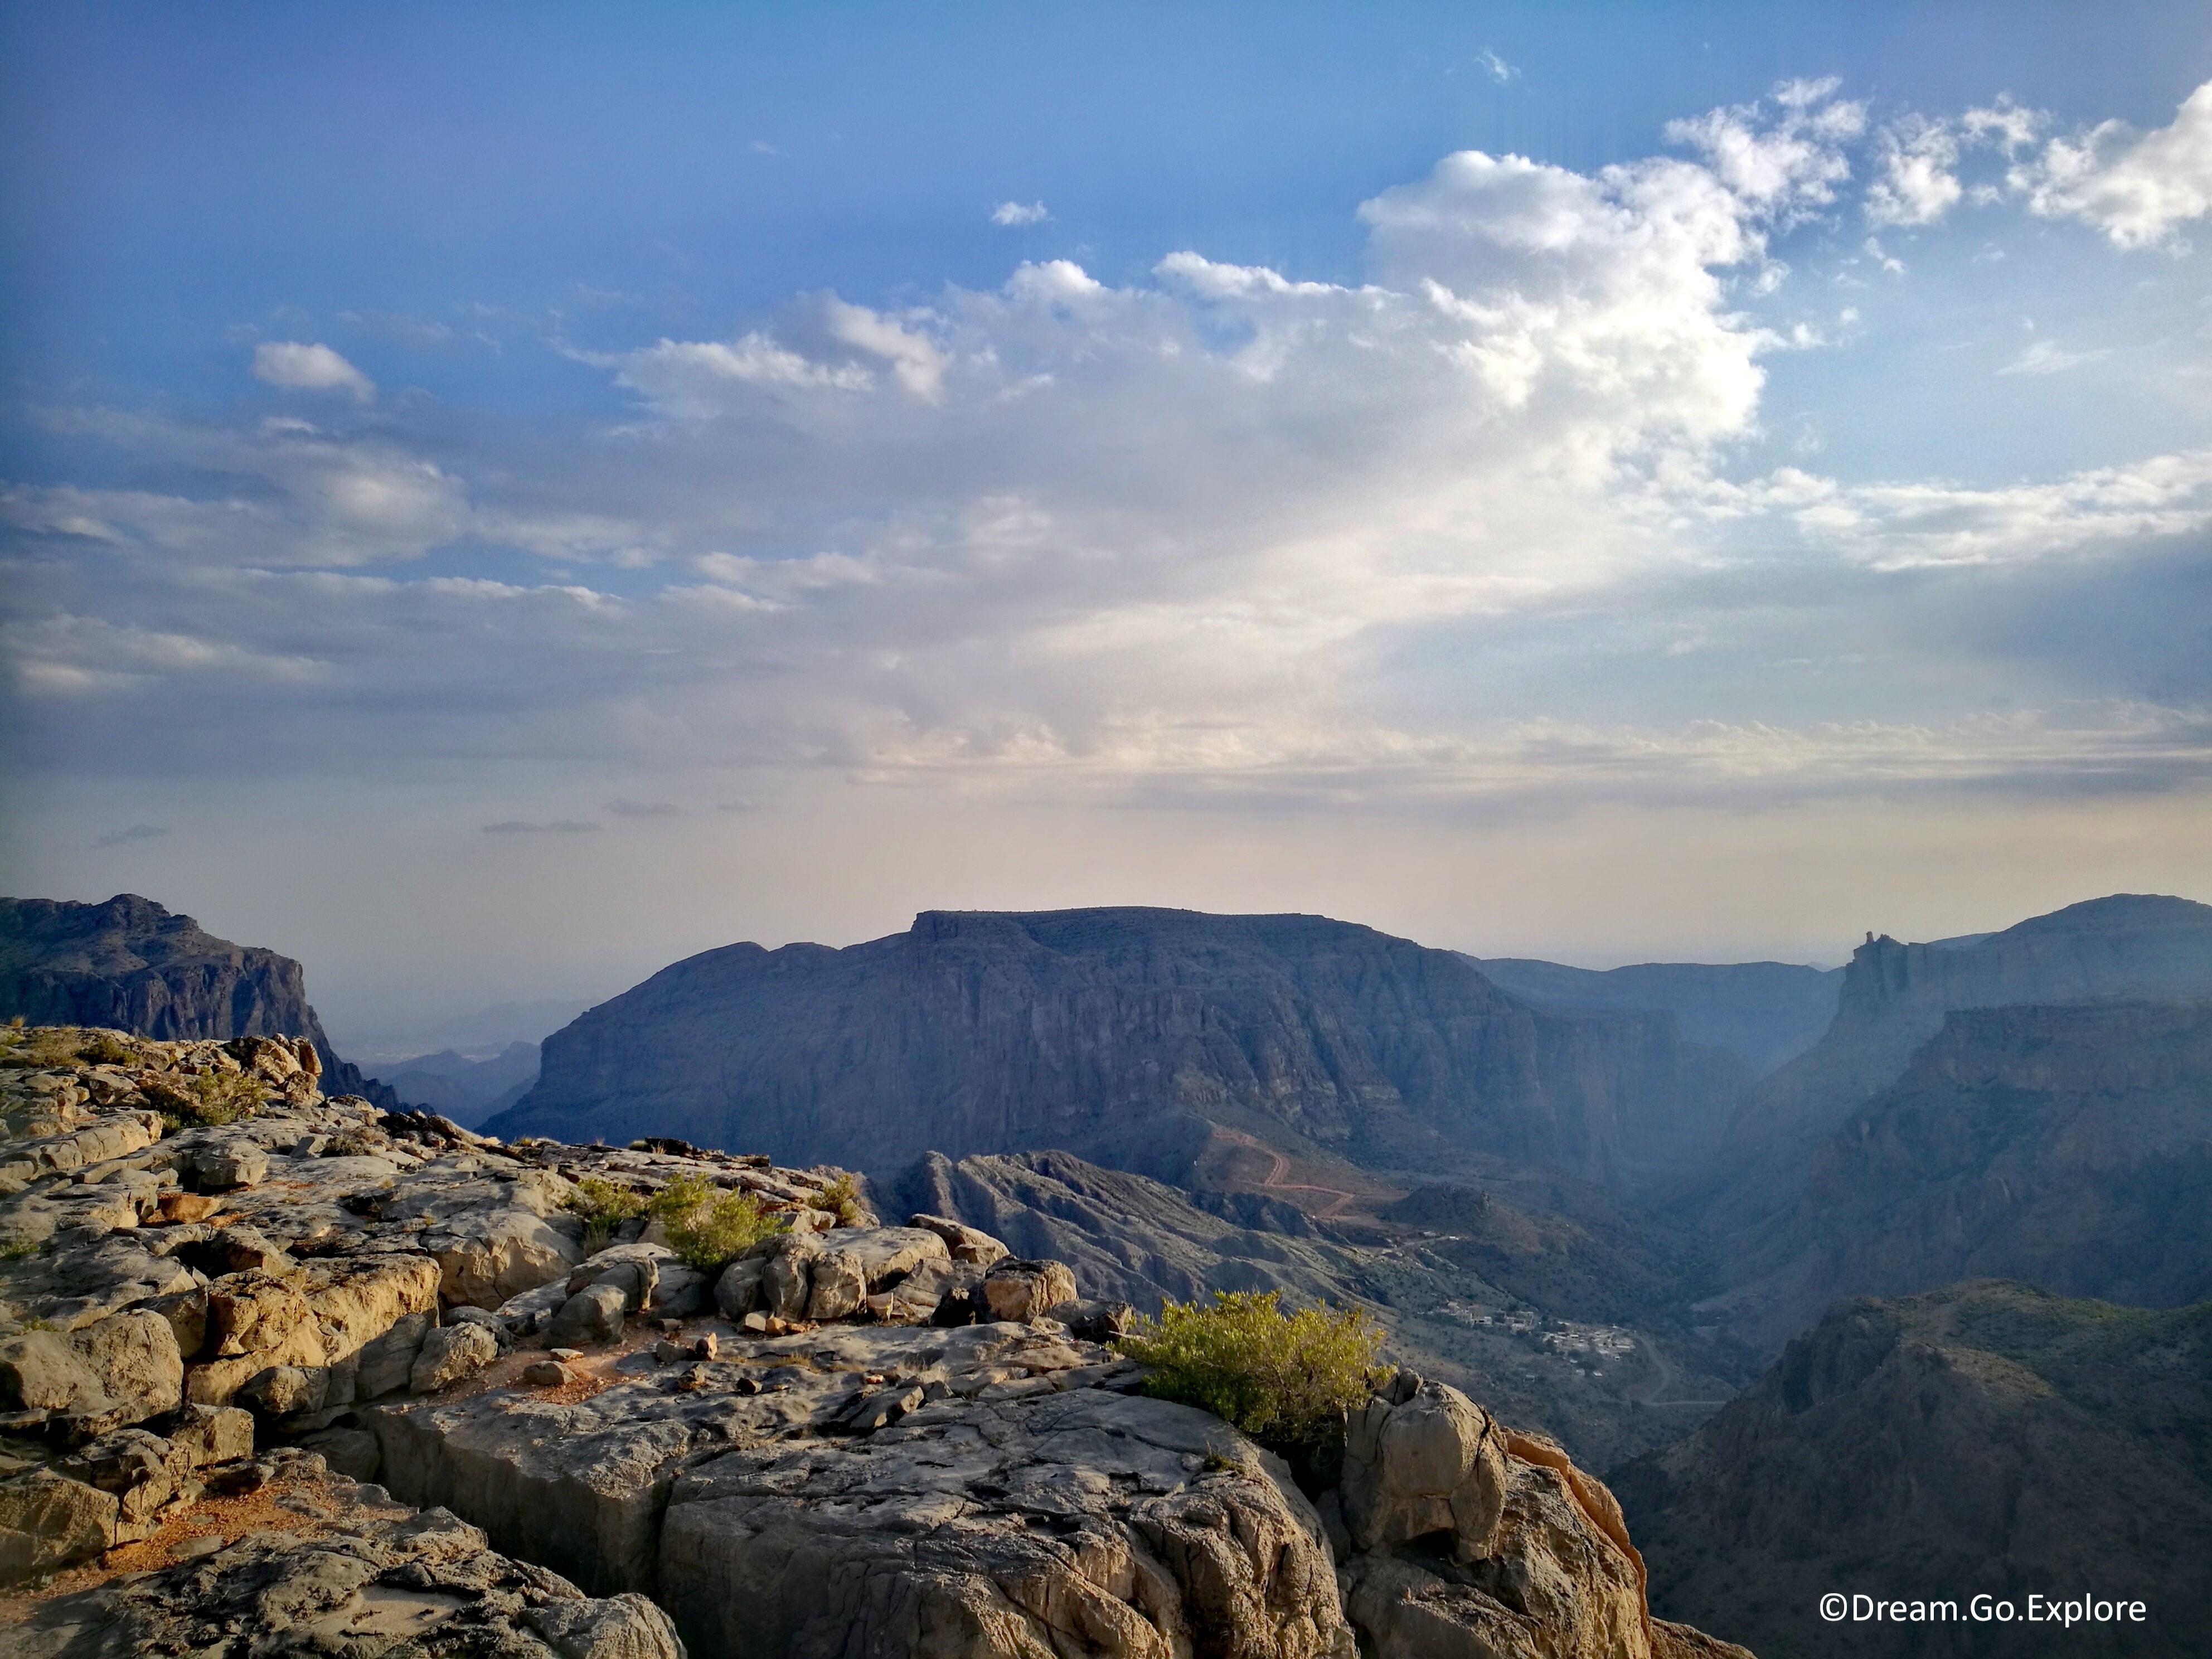 Hike to Wadi Al Bawaardi (Oman) – Wanderung zum Wadi Al Bawaardi (Oman)